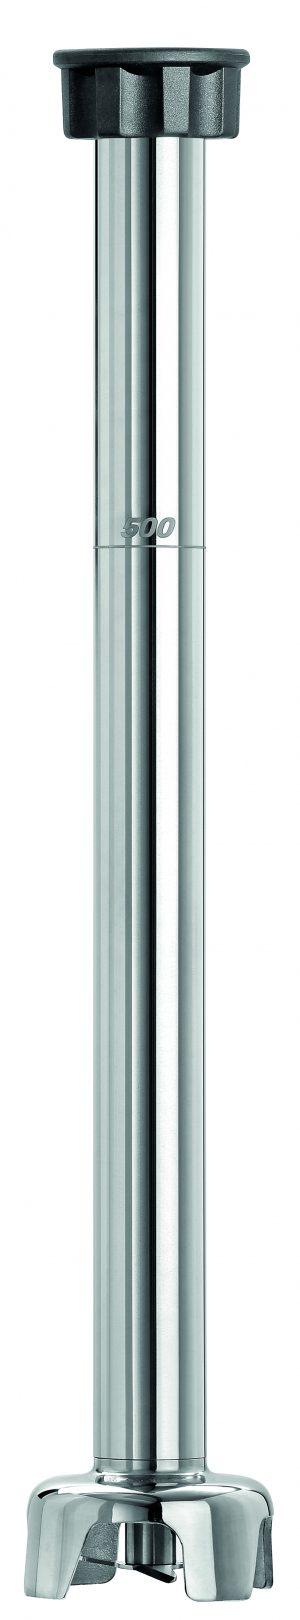 Bartscher Mixstaaf STM3 500 mm lang